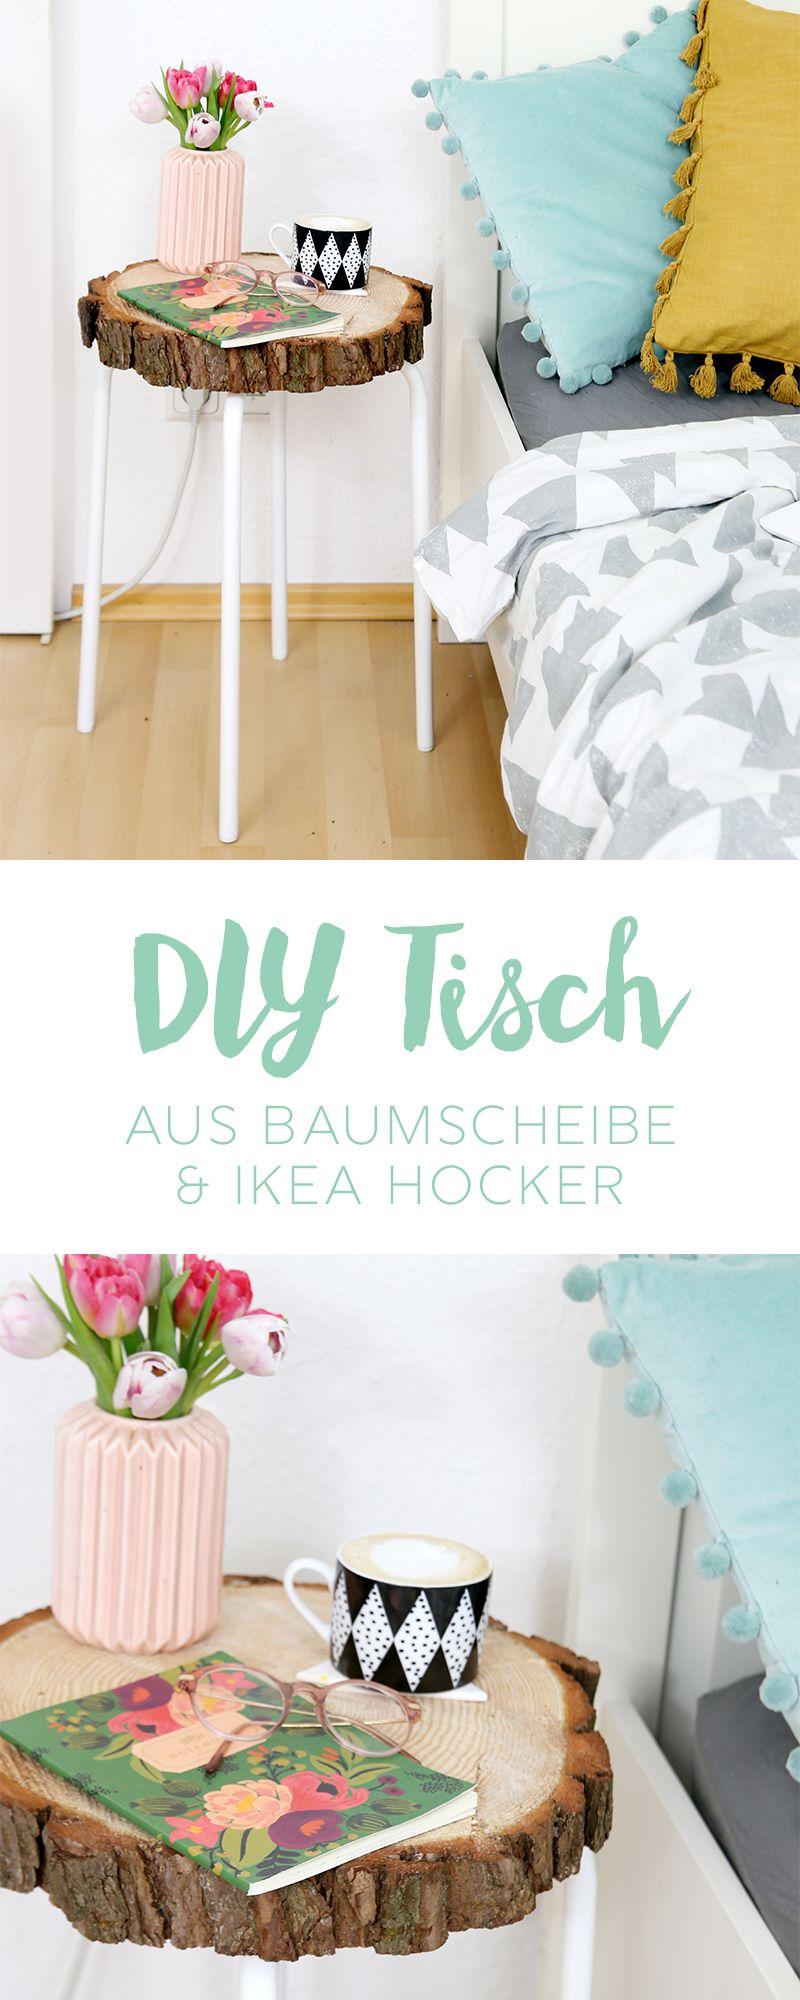 Diy Beistelltisch Aus Baumscheibe Und Ikea Hocker Diy Craft Ideas